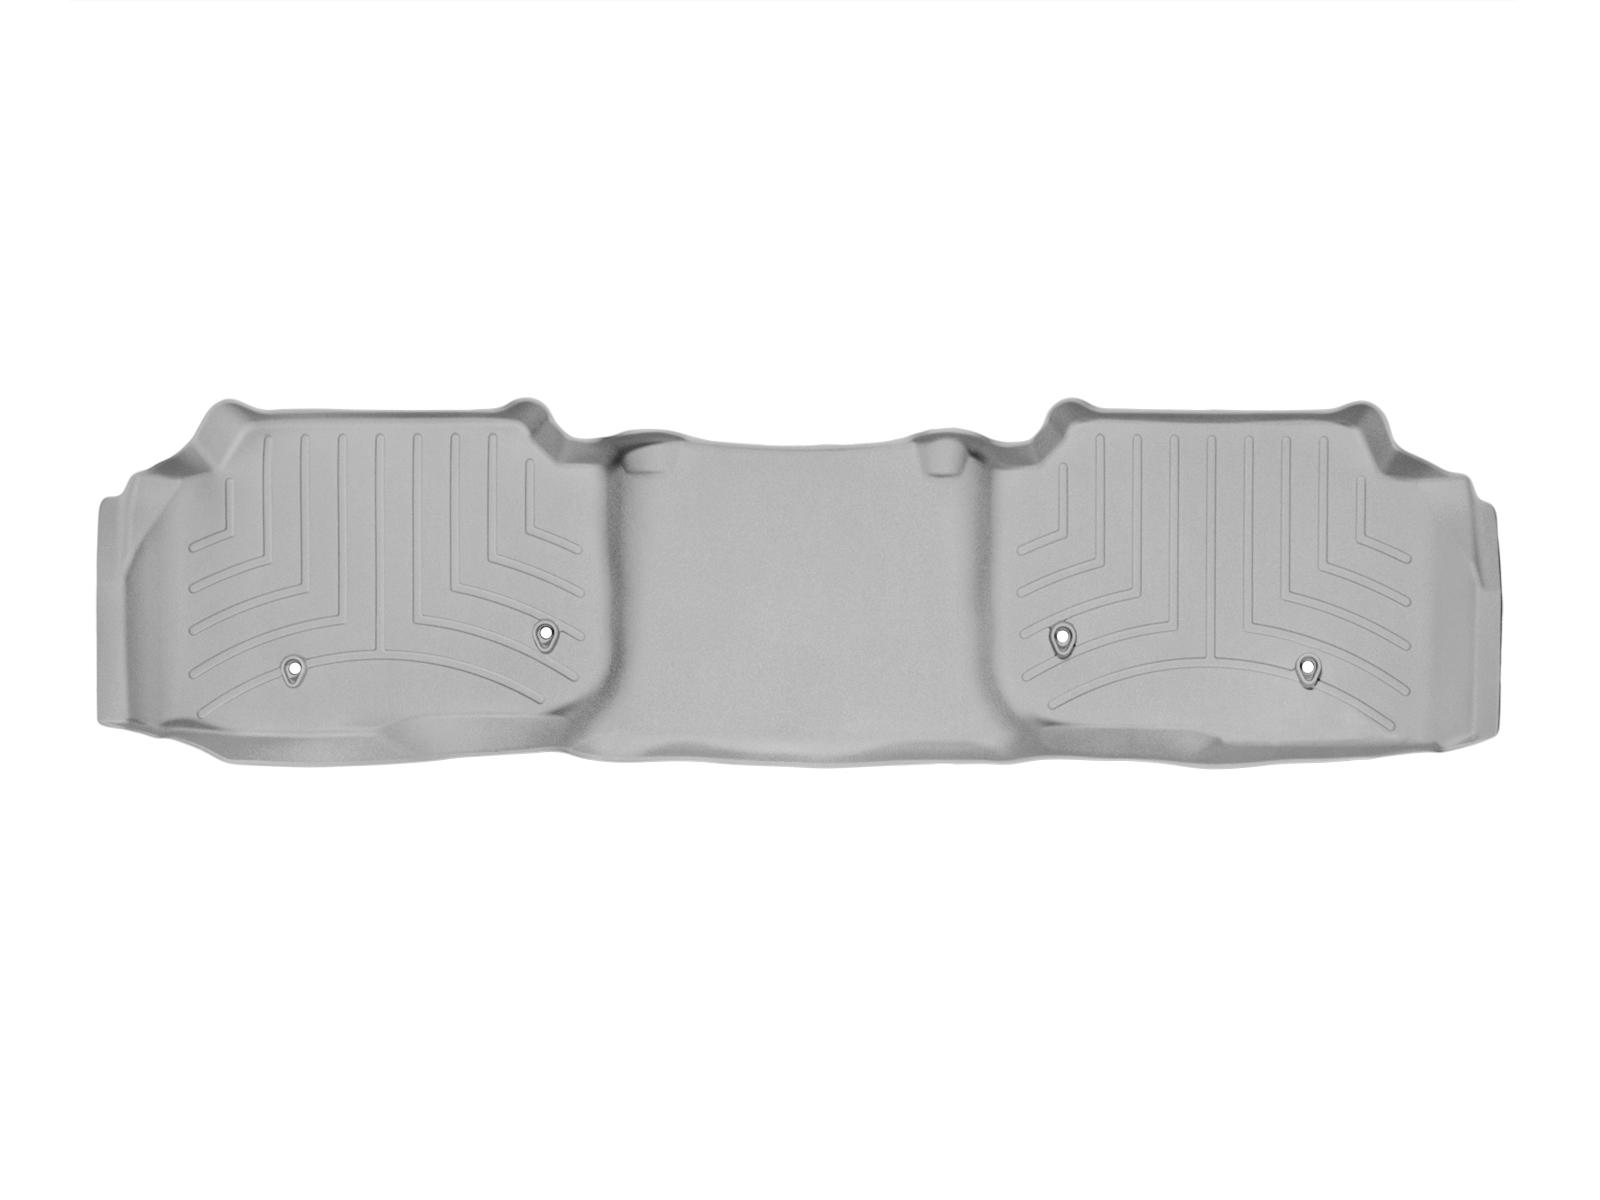 Tappeti gomma su misura bordo alto Land Rover 13>17 Grigio A1981*